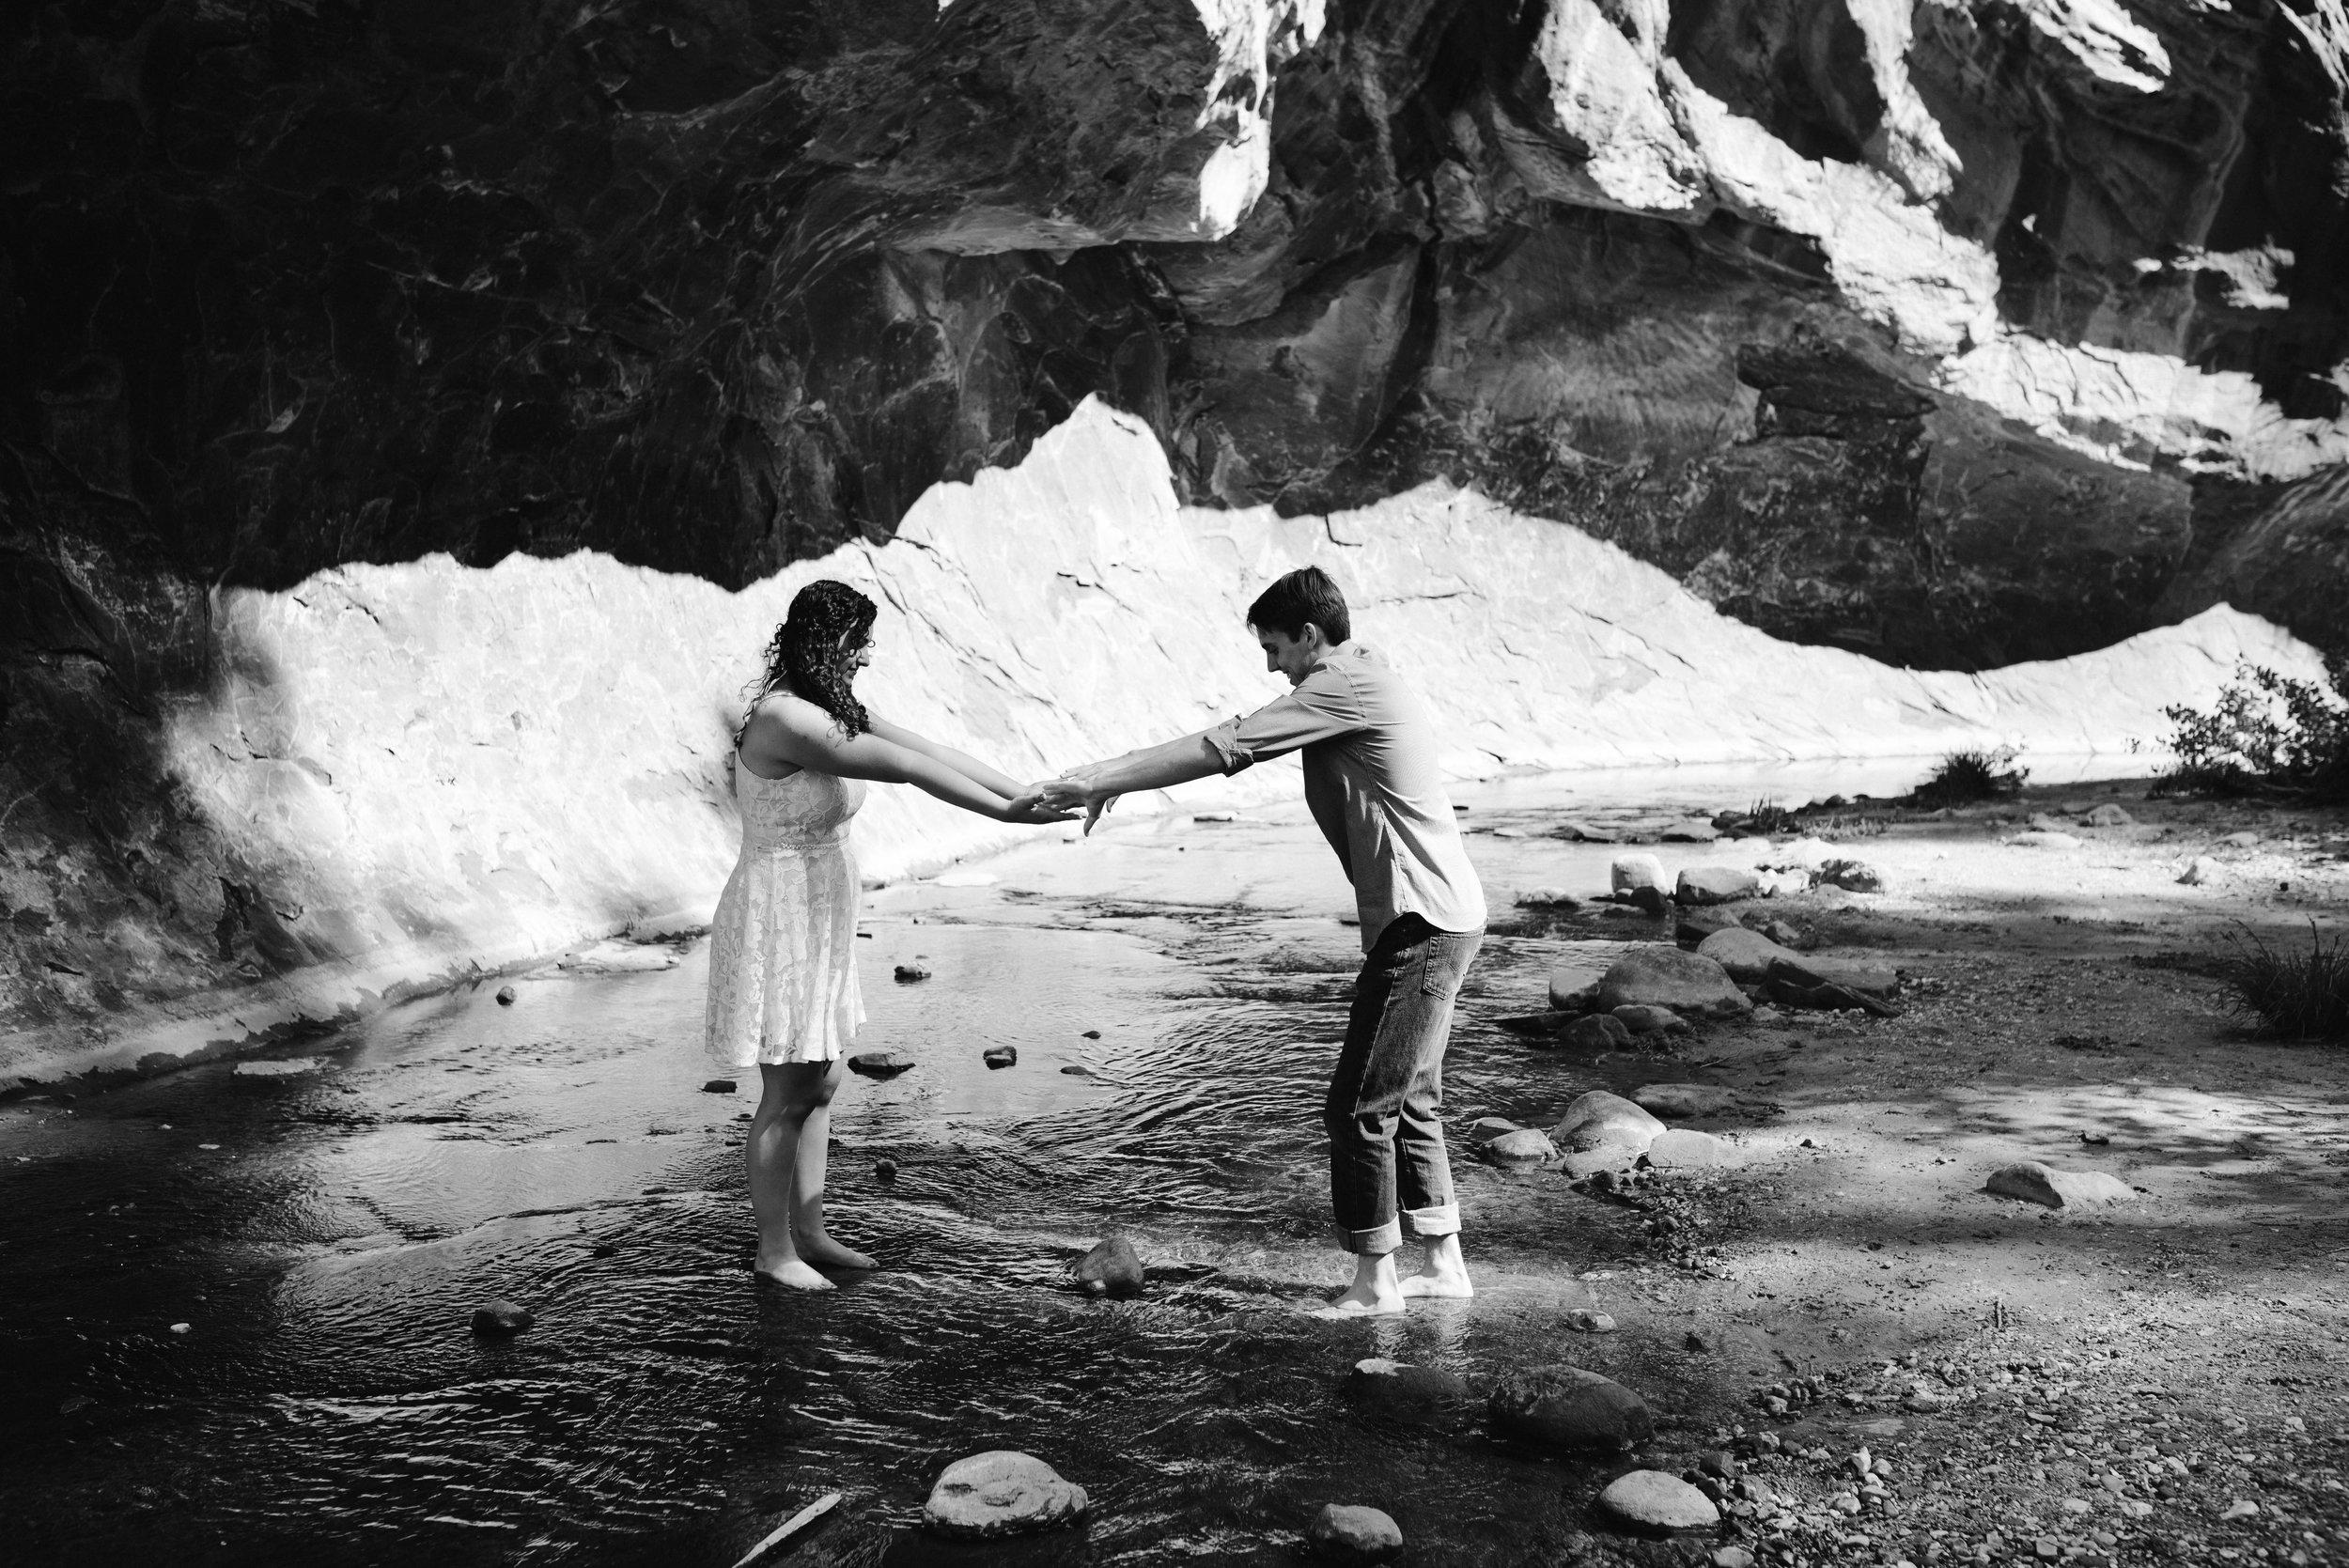 Brie+TaylorEngagement_AlyssaRyanPhoto-137.jpg